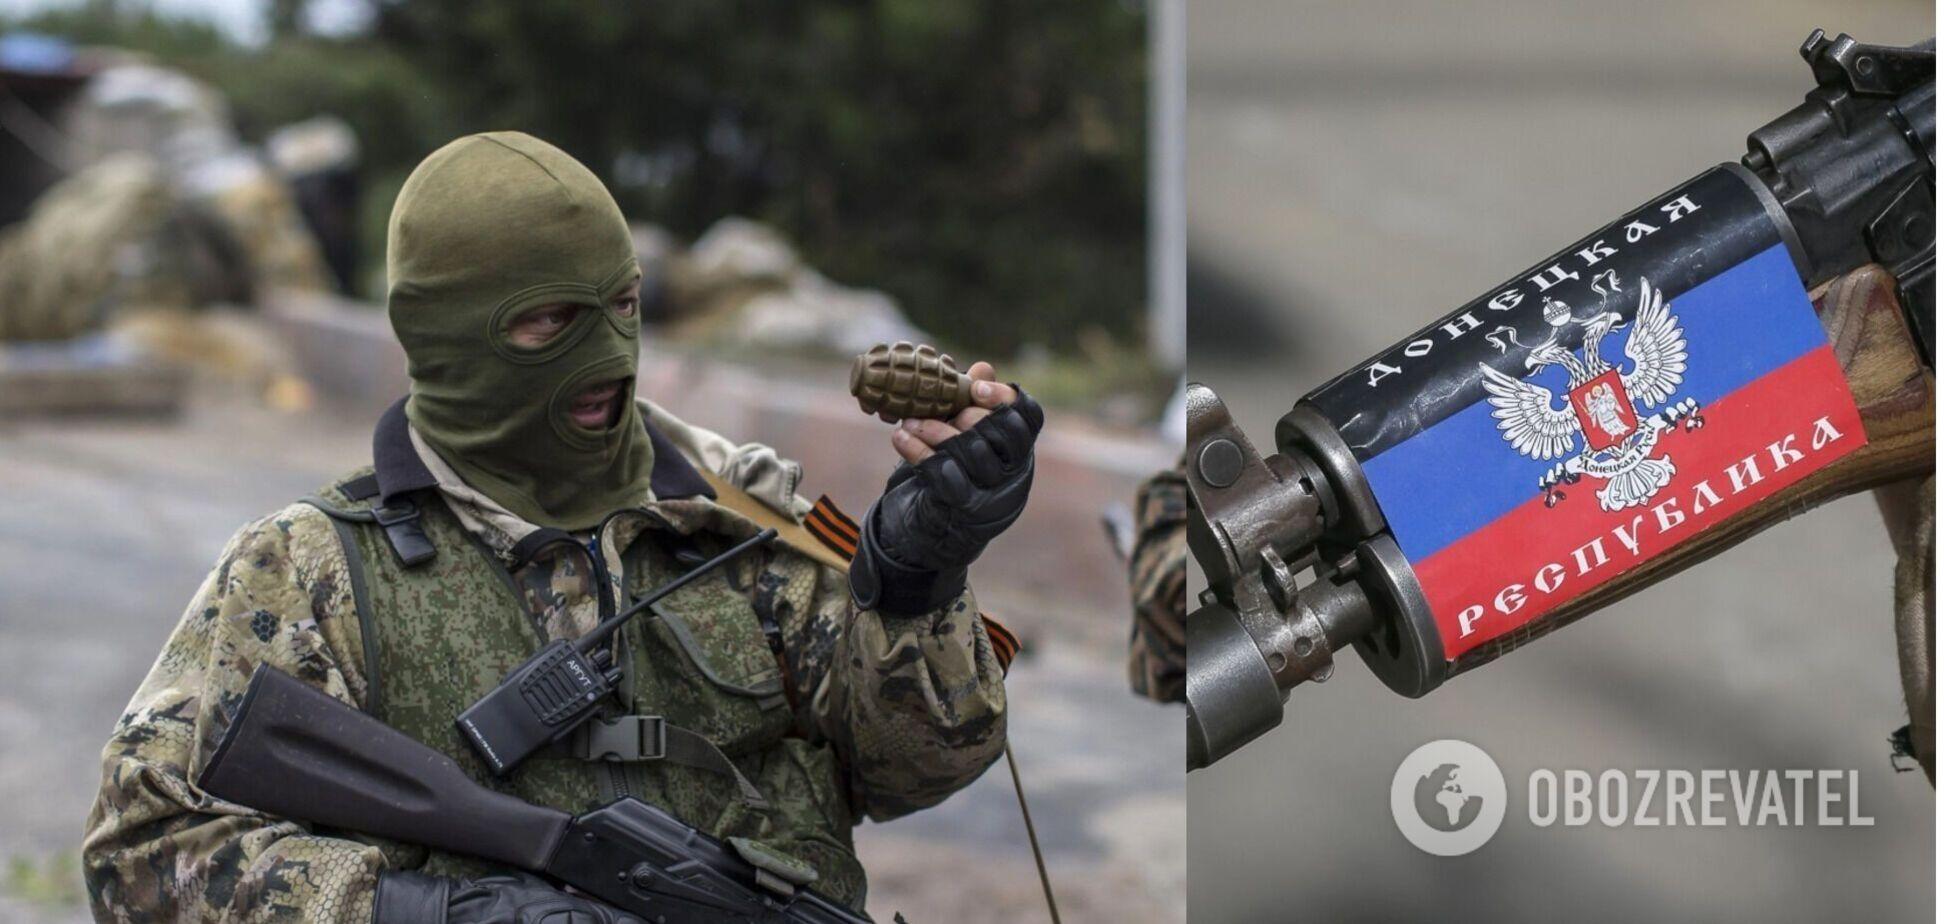 В 'ДНР' пьяный наемник расстрелял семерых людей – разведка